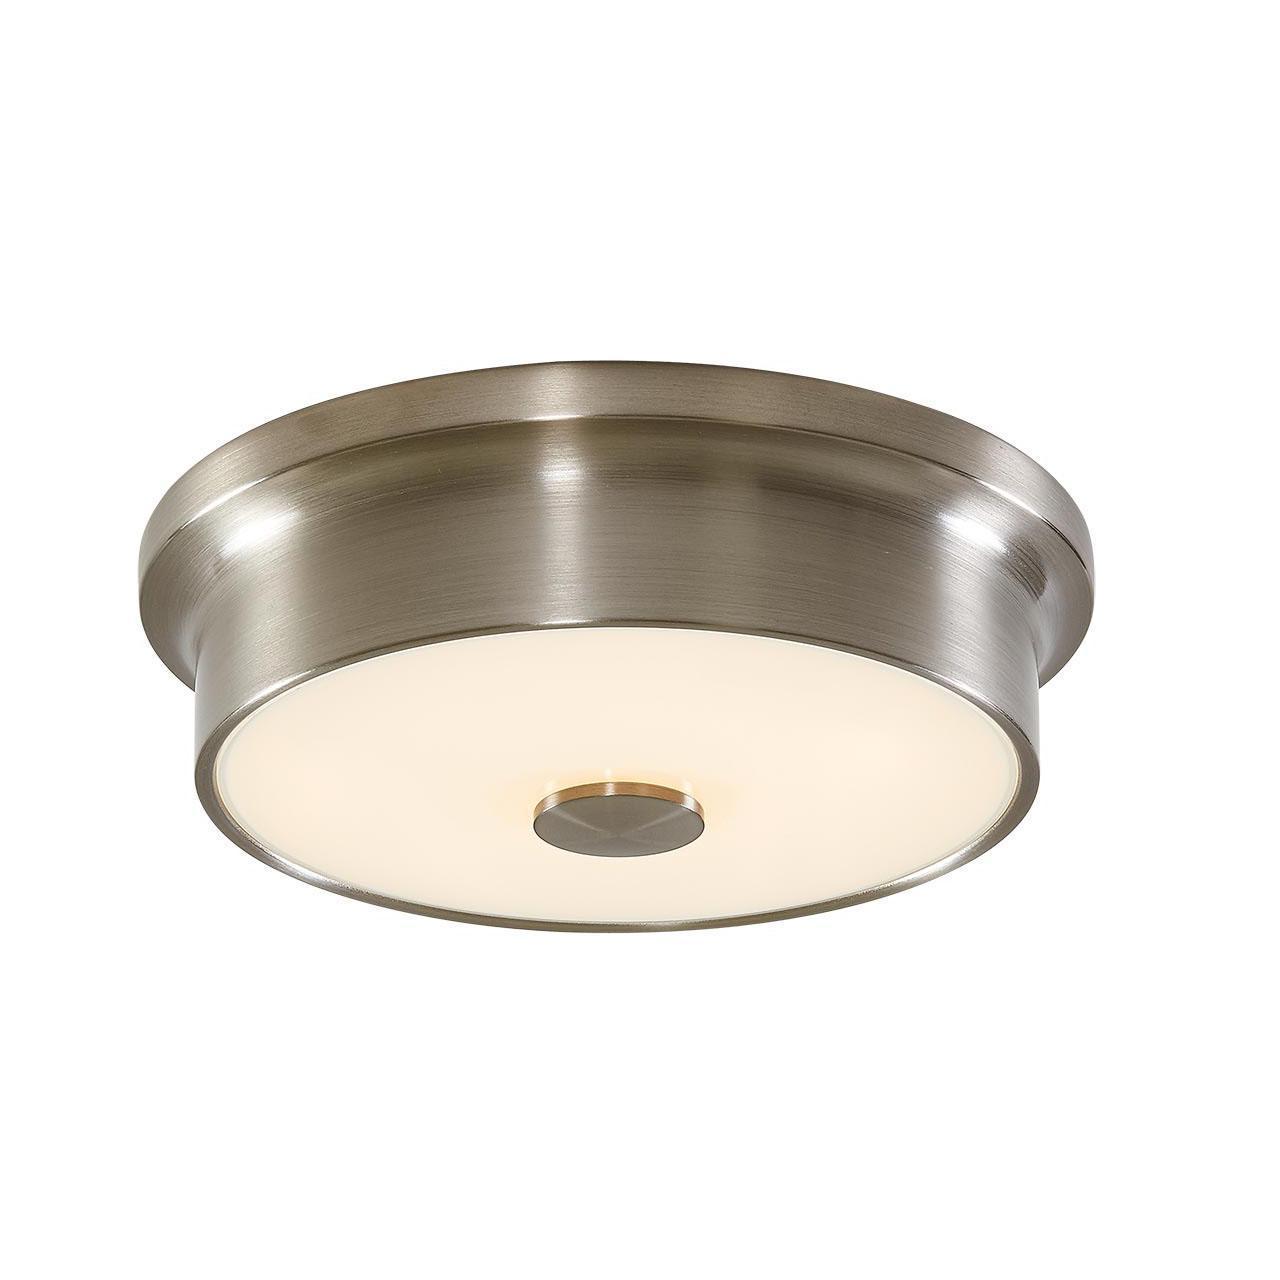 Потолочный светодиодный светильник Citilux Фостер-2 CL706211 citilux настенно потолочный светильник citilux фостер 2 cl706221